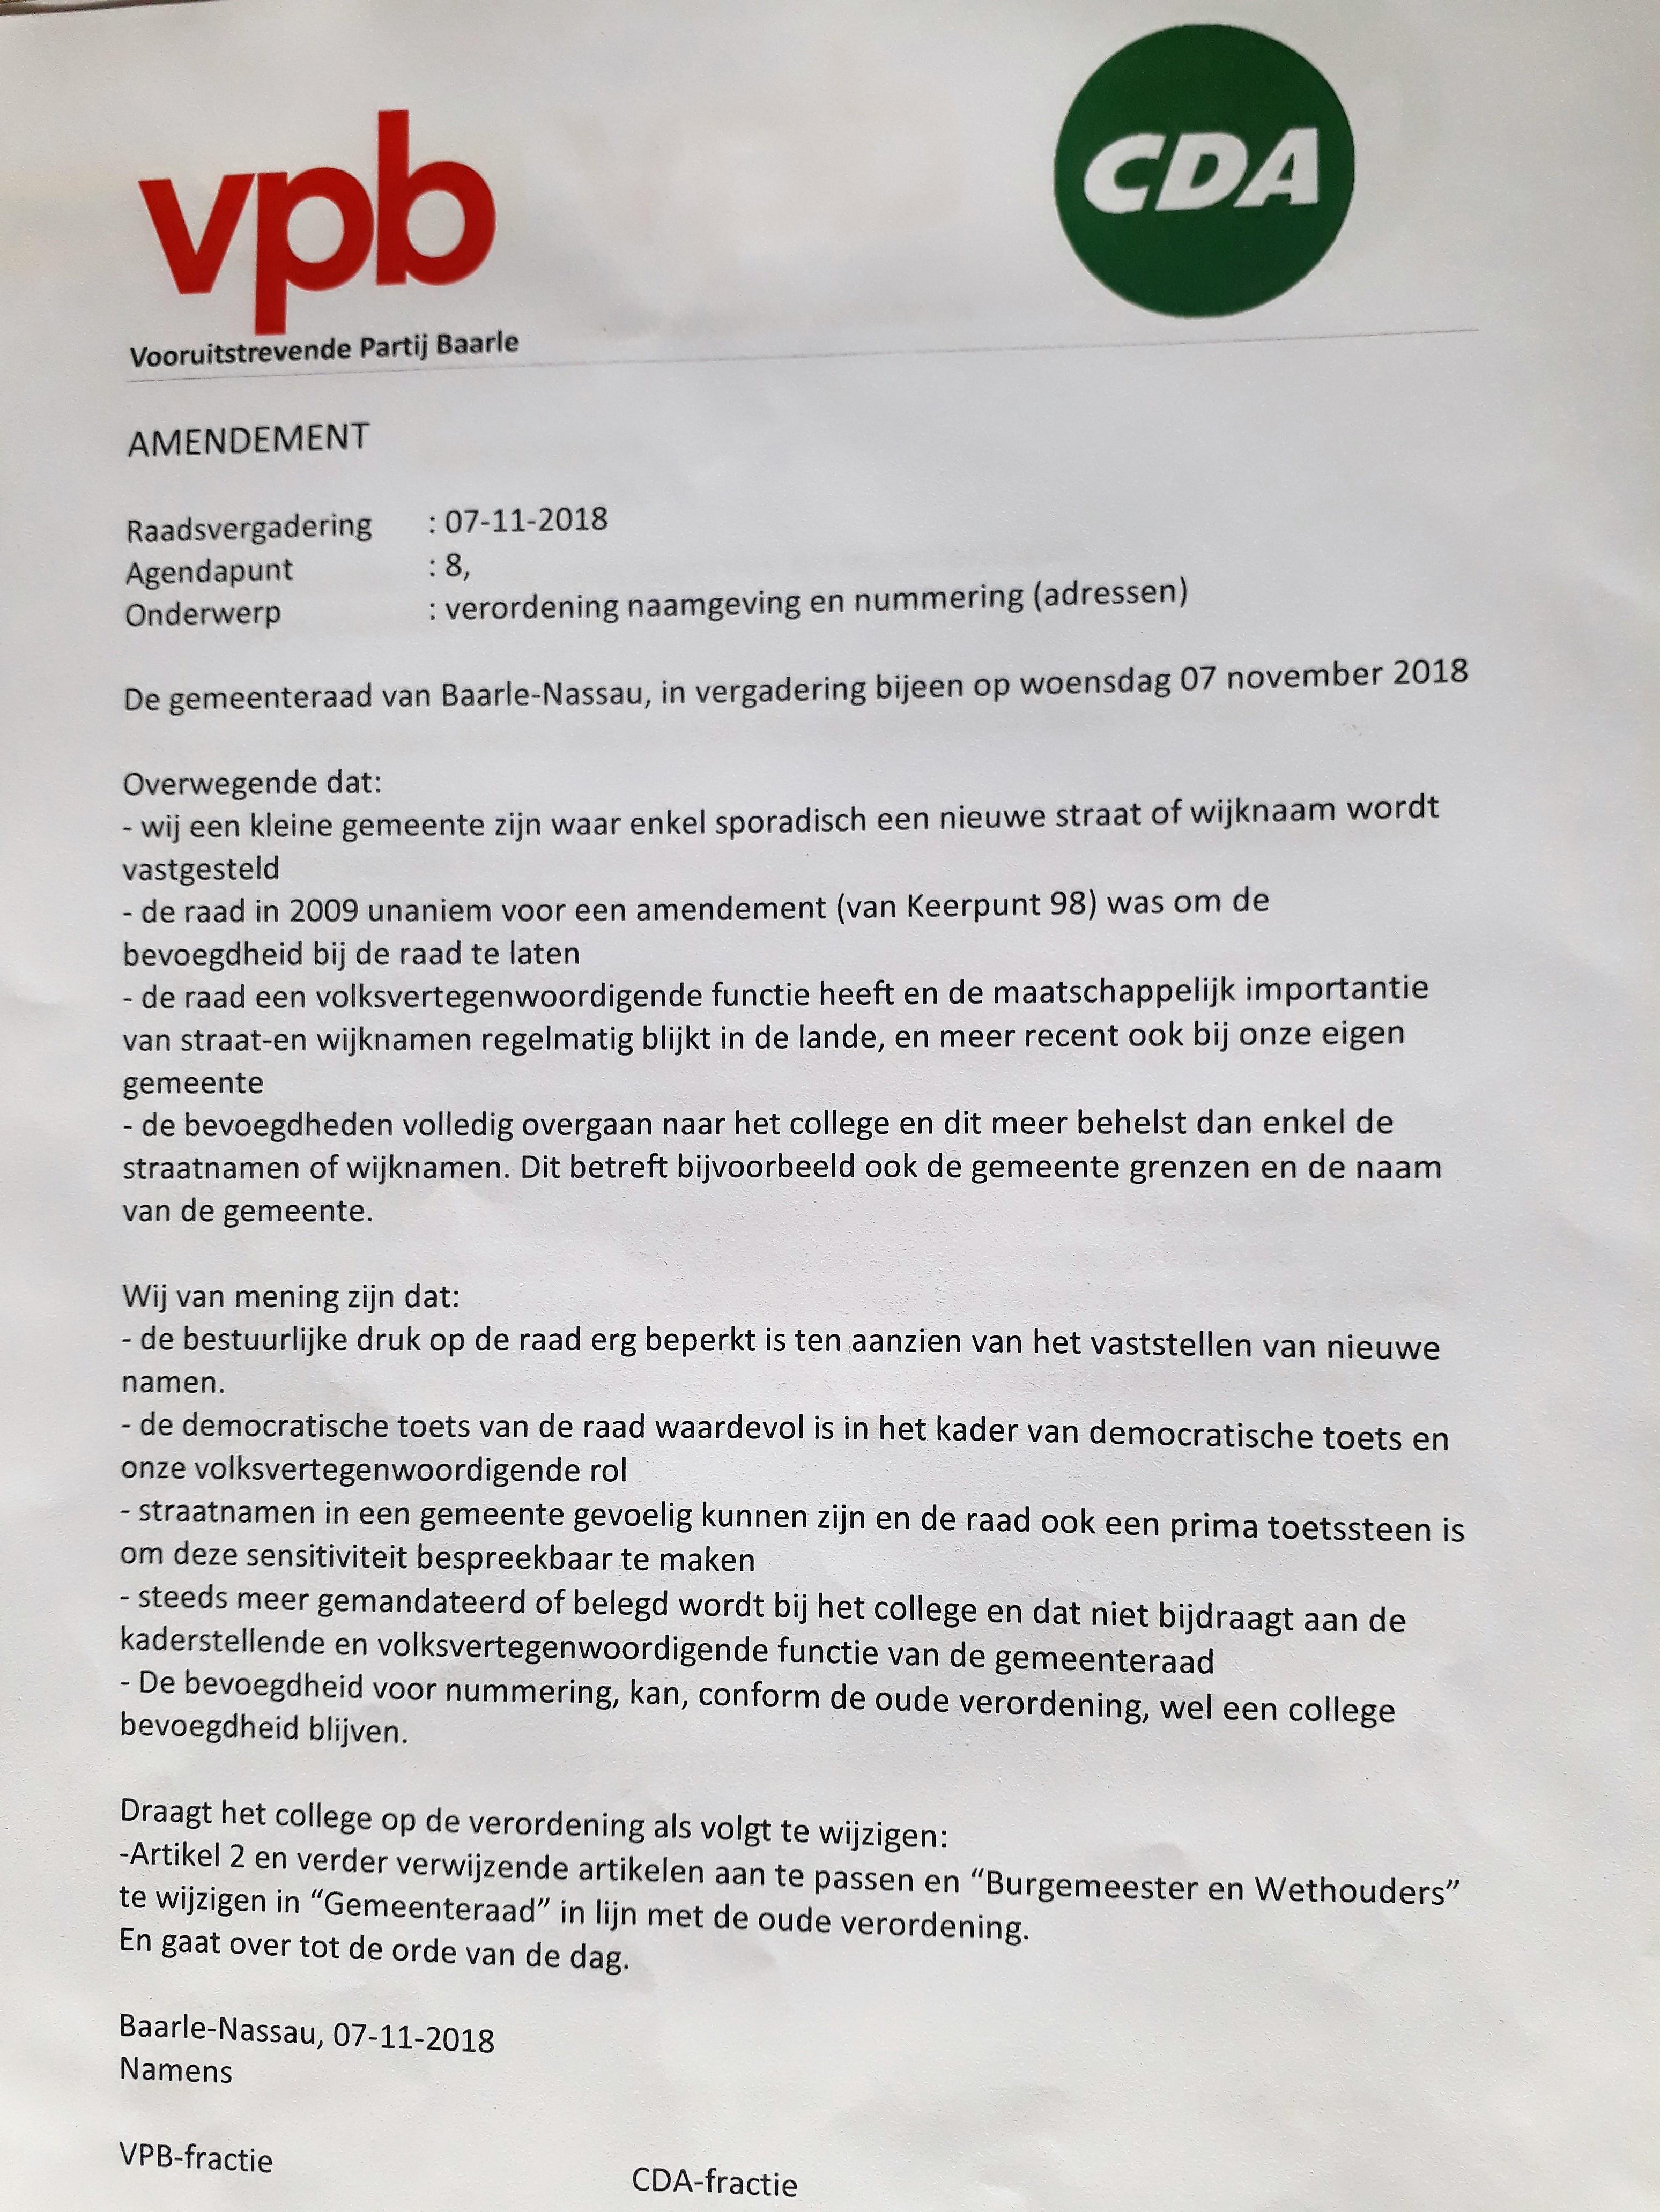 Eerste goedgekeurde amendement van oppositie sinds aantreden coalitie 2 mei 2018